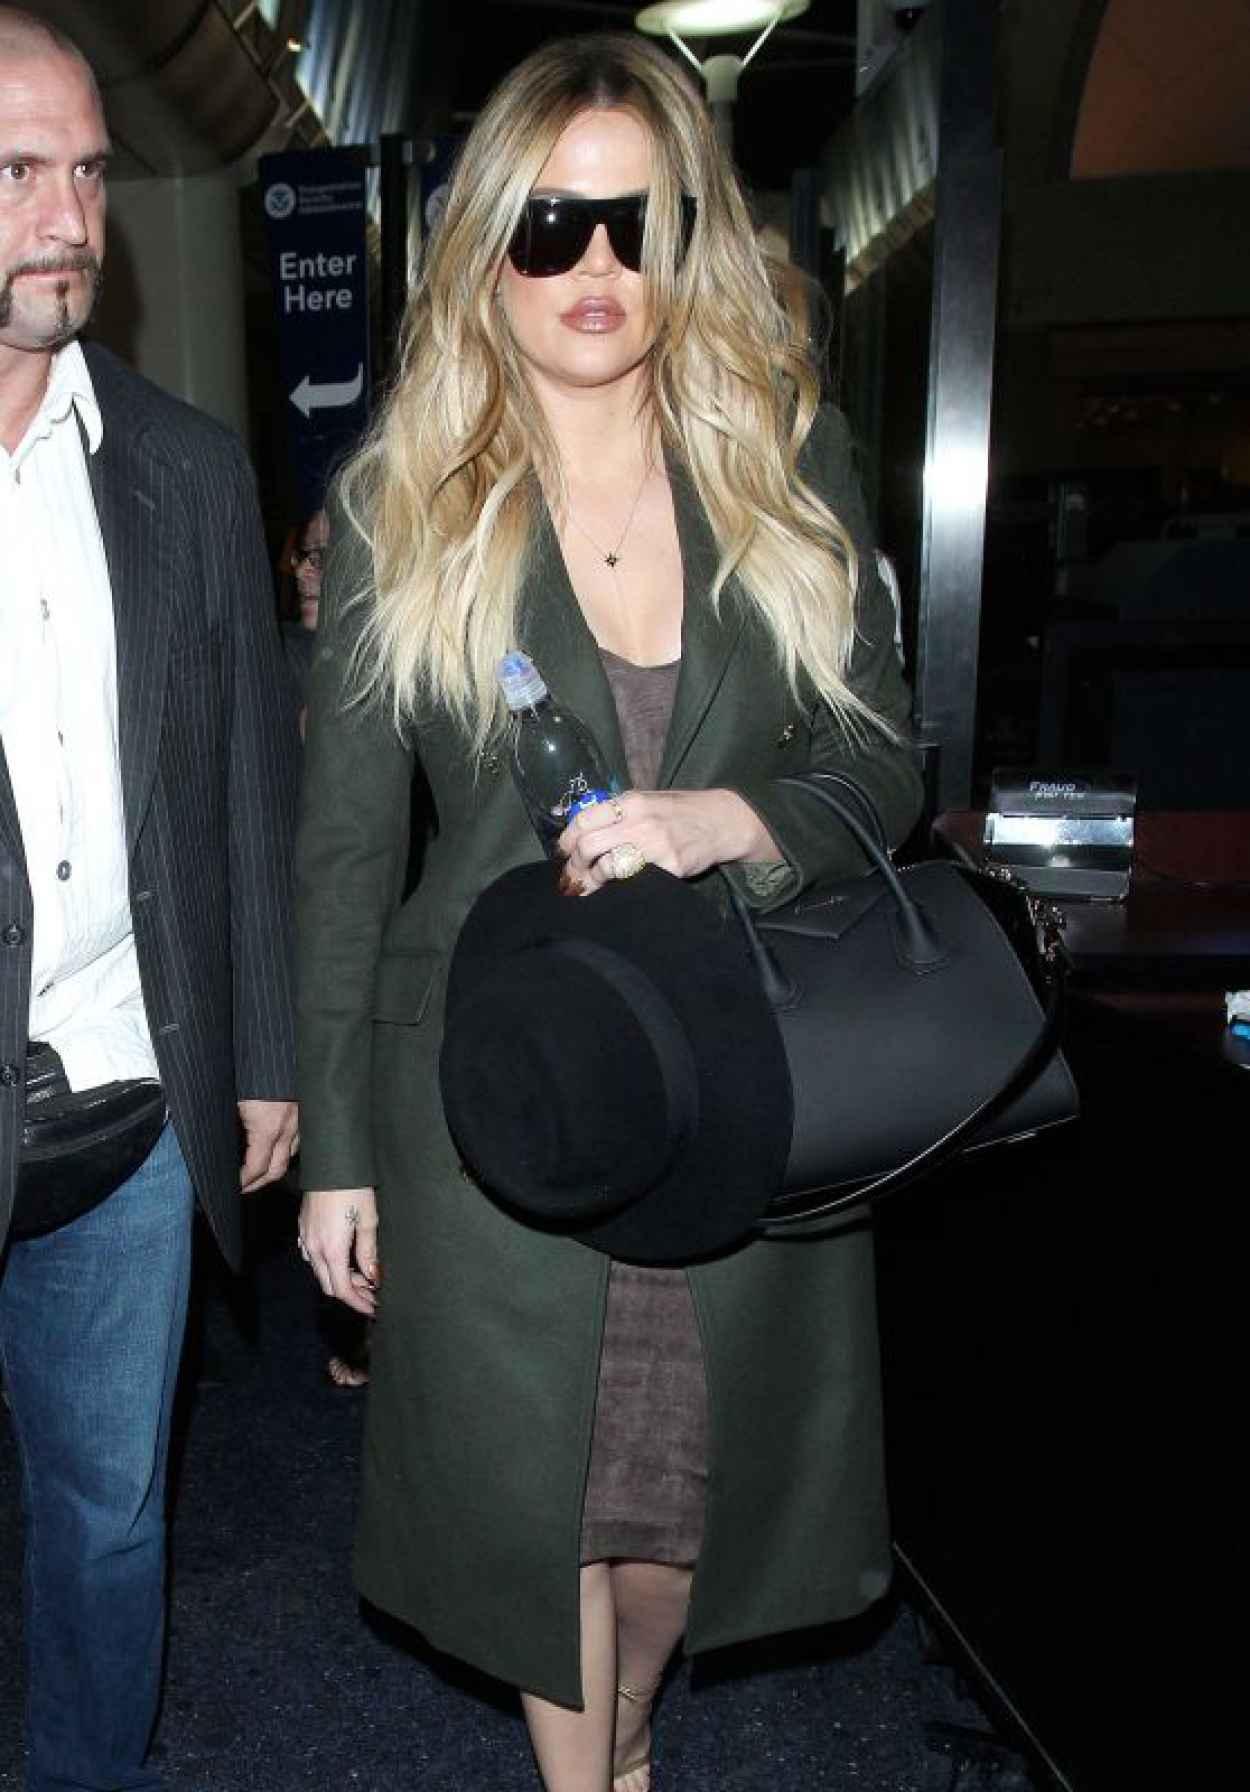 Khloe Kardashian Pics - at LAX Airport, April 2015-1